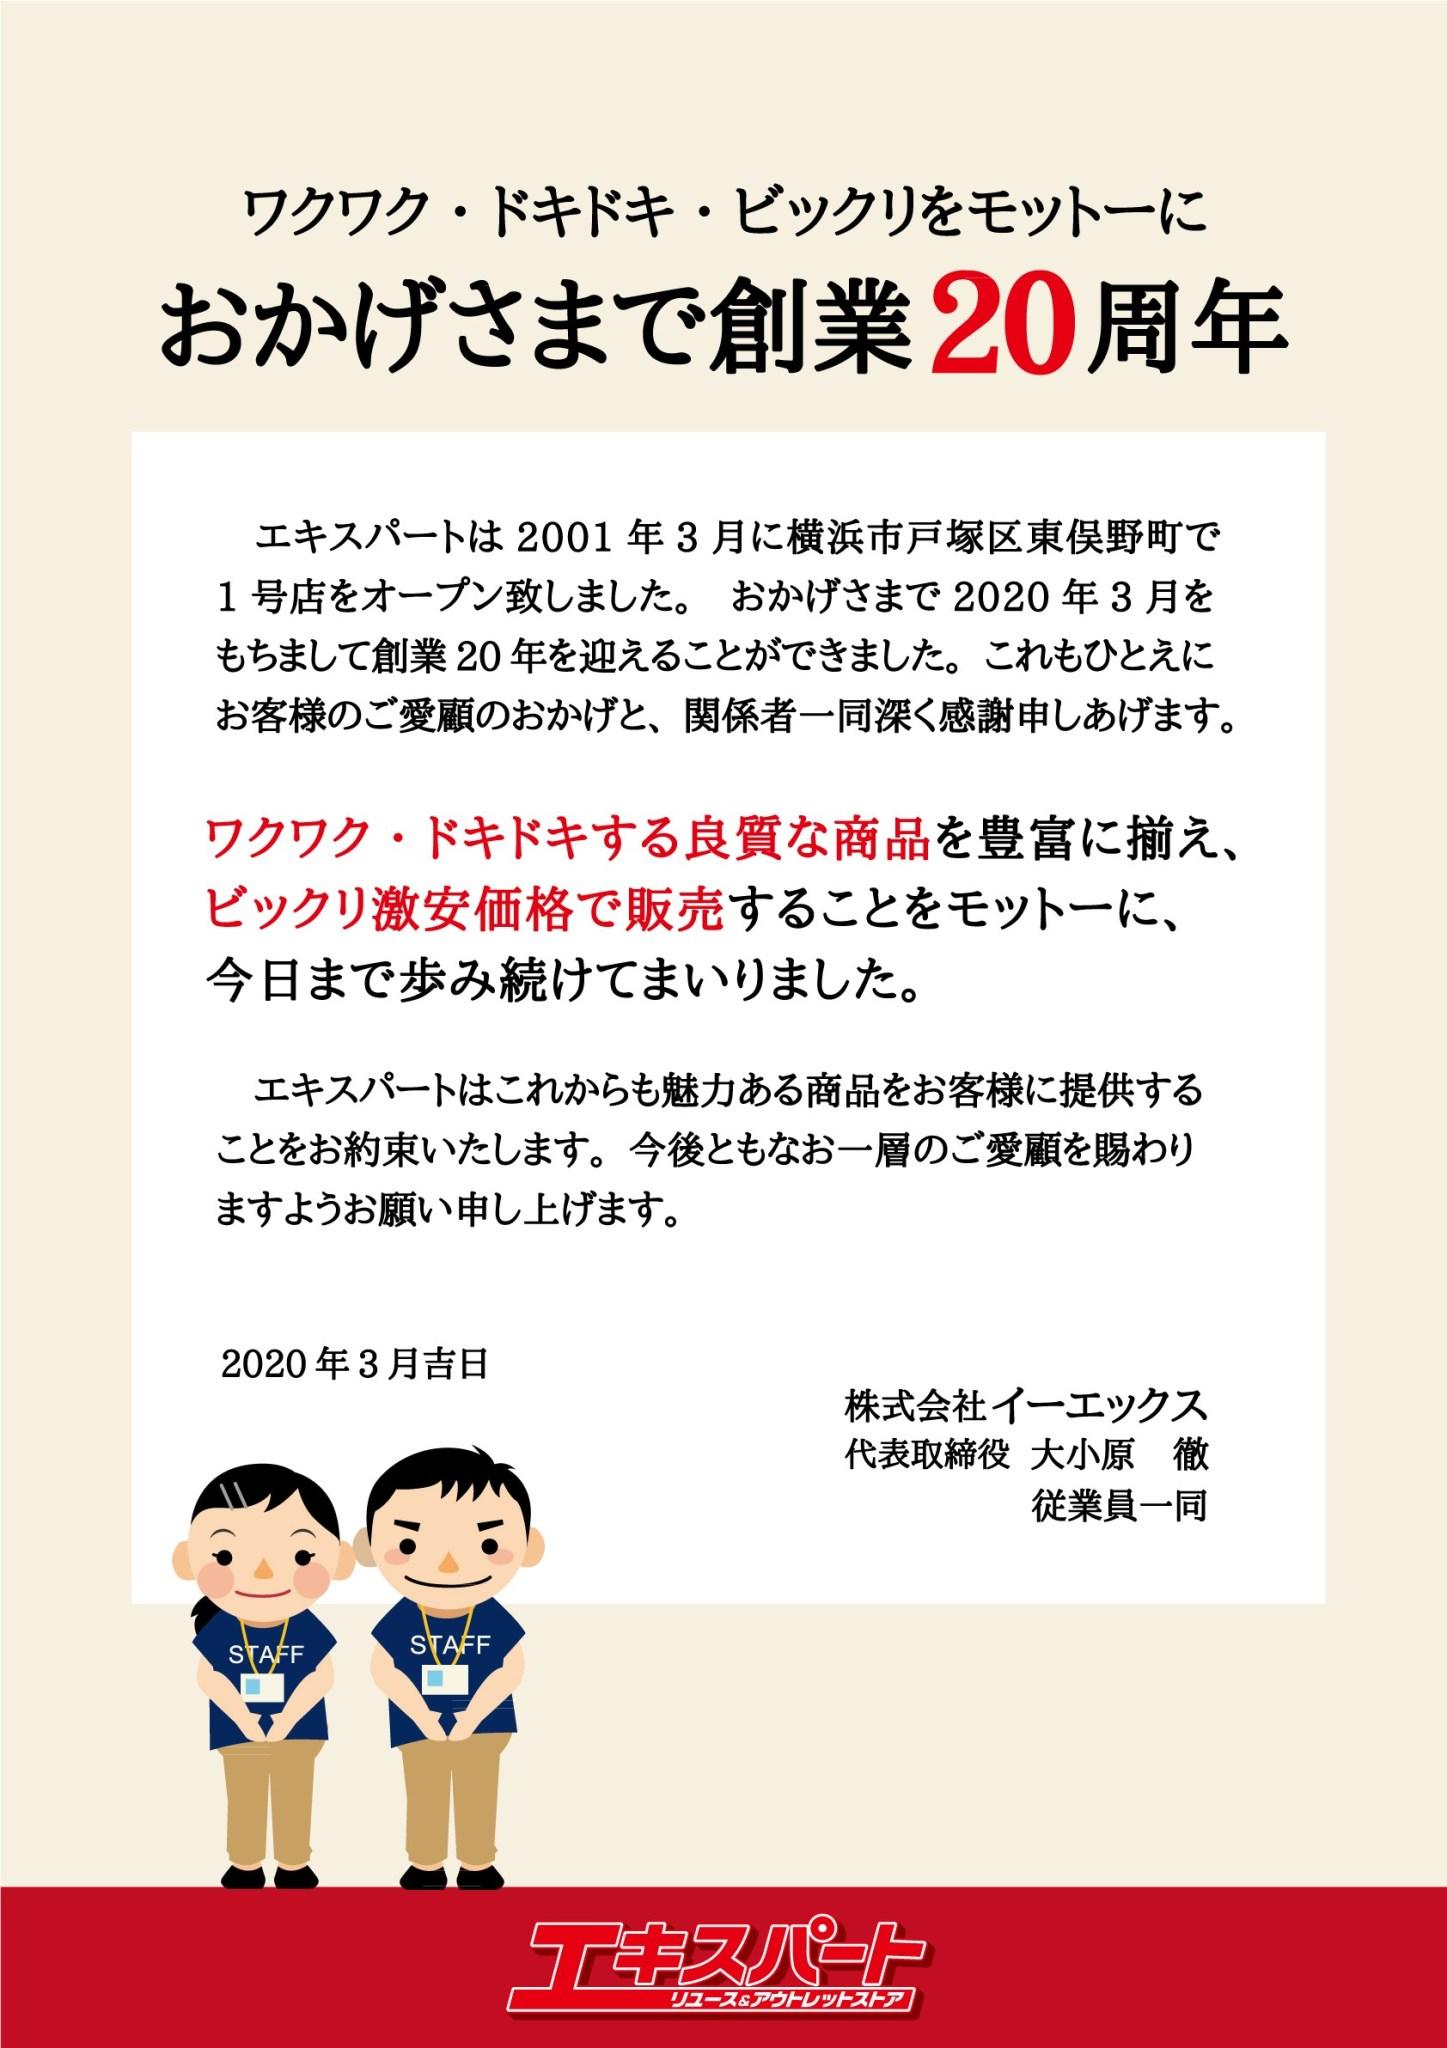 20周年のお礼ポスター